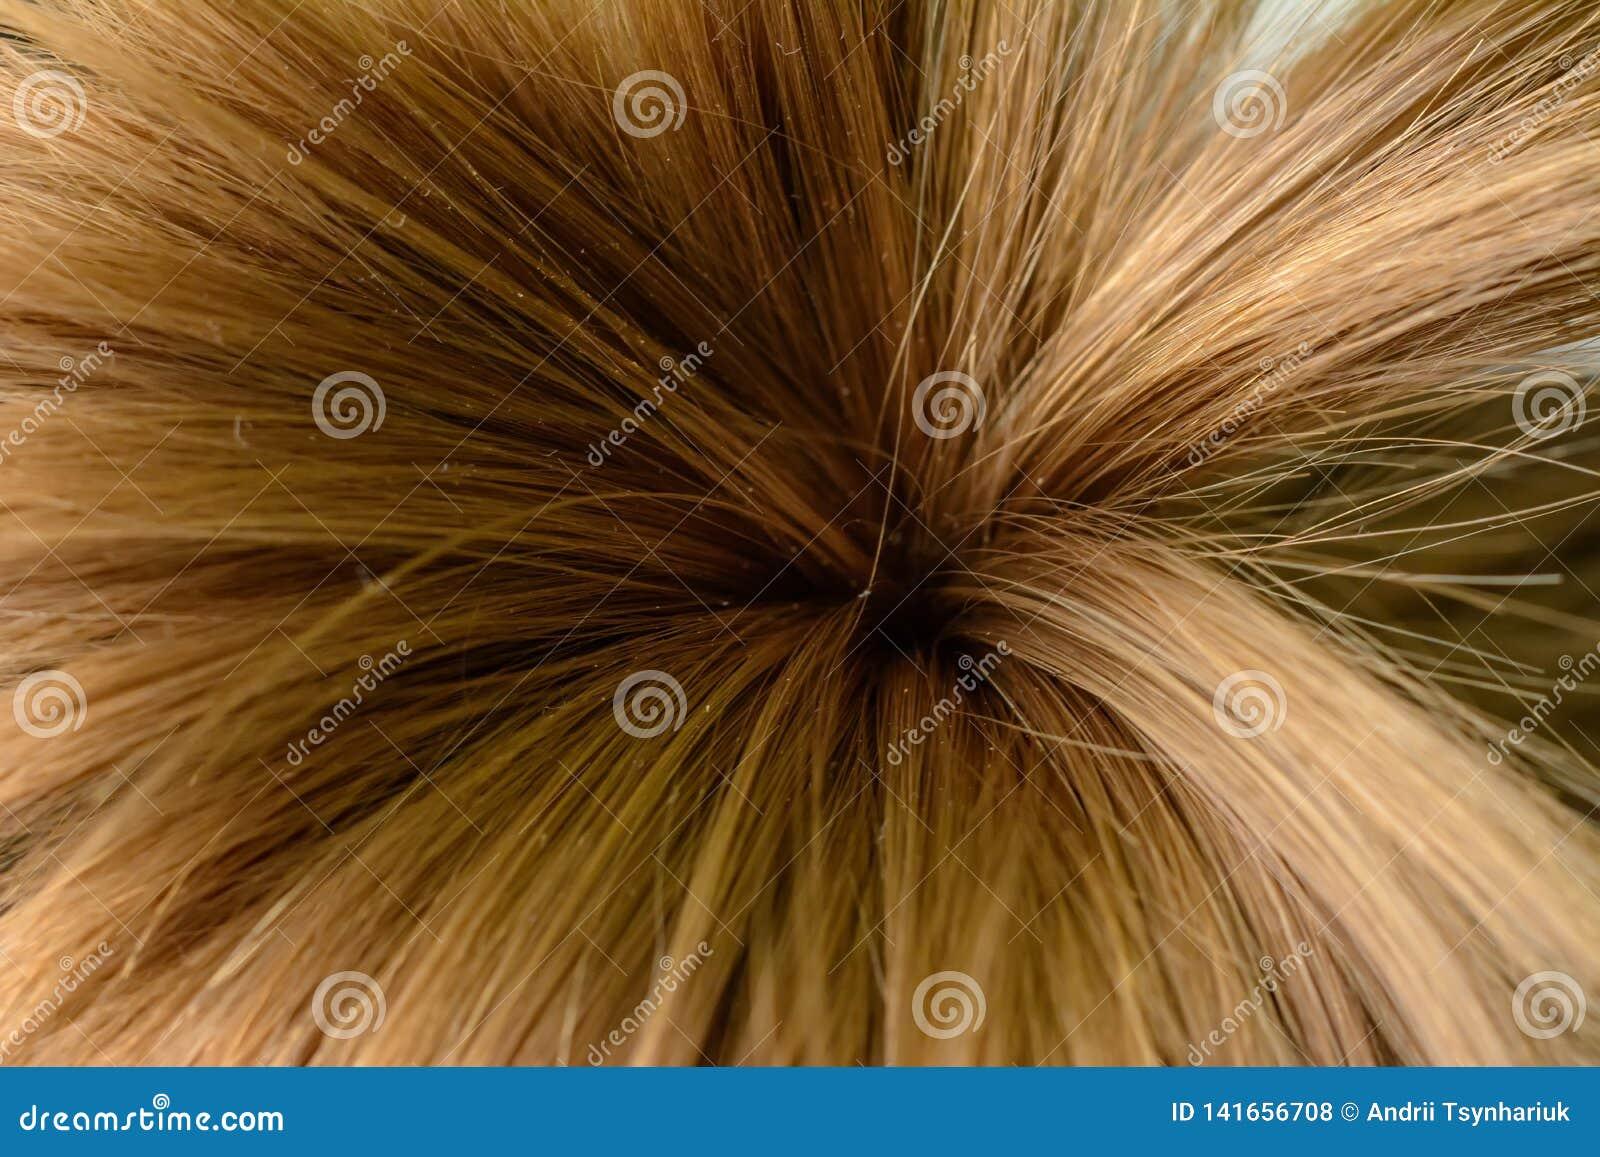 Les cheveux d une petite fille, attachés sous forme de palmiers, et tirés sur le macro